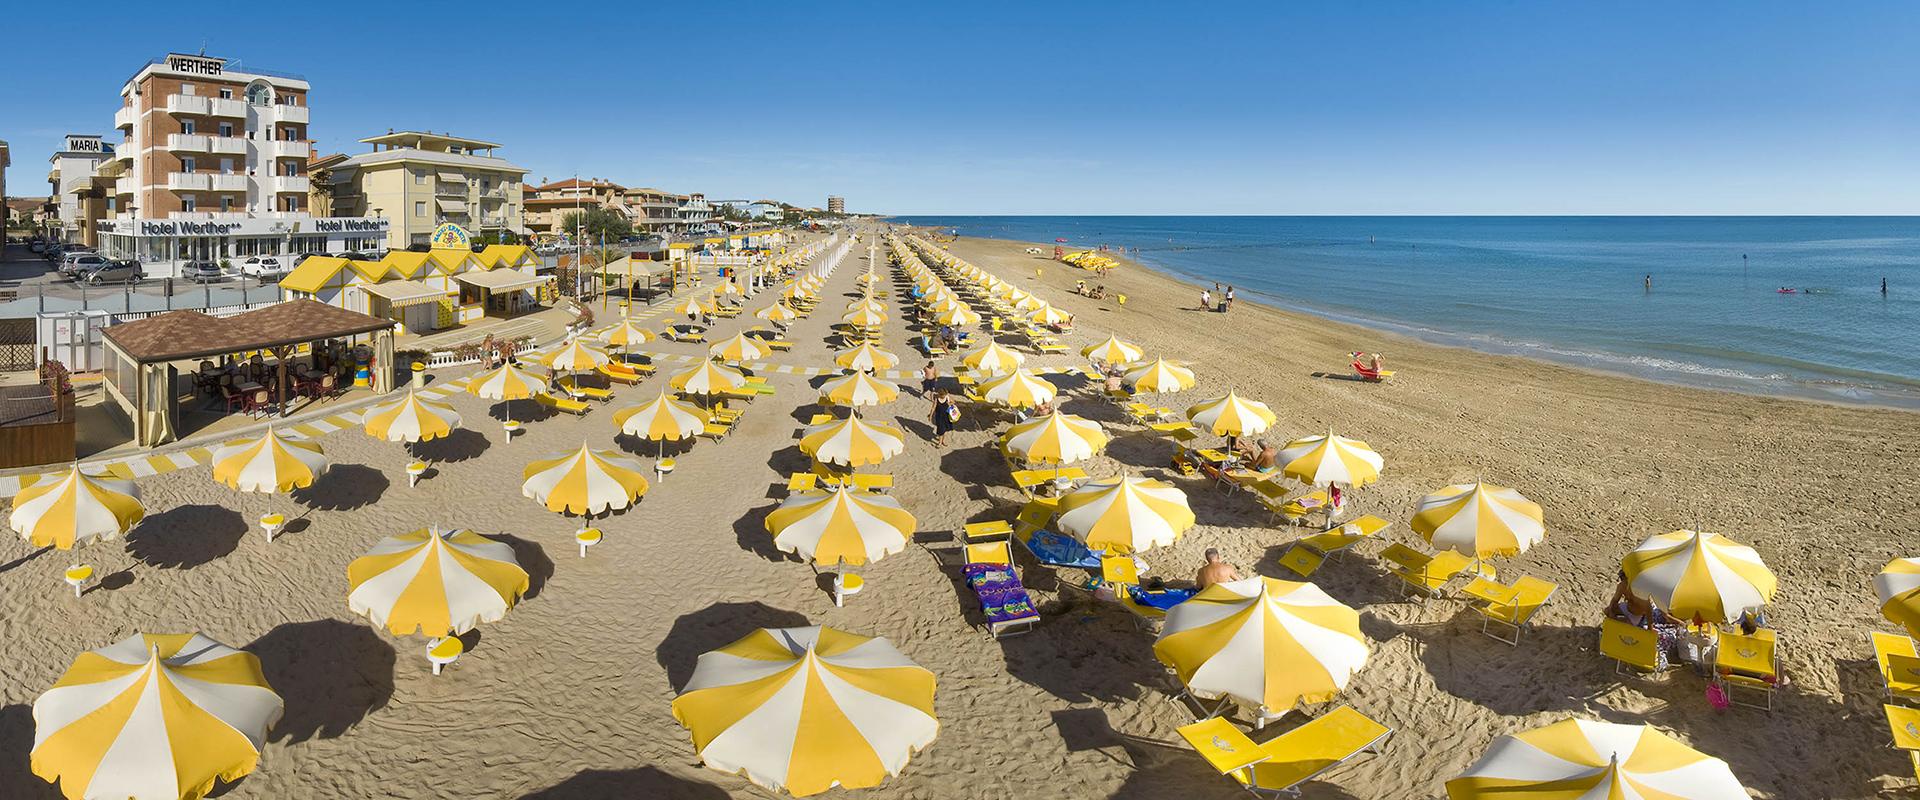 Hotel sul mare Adriatico